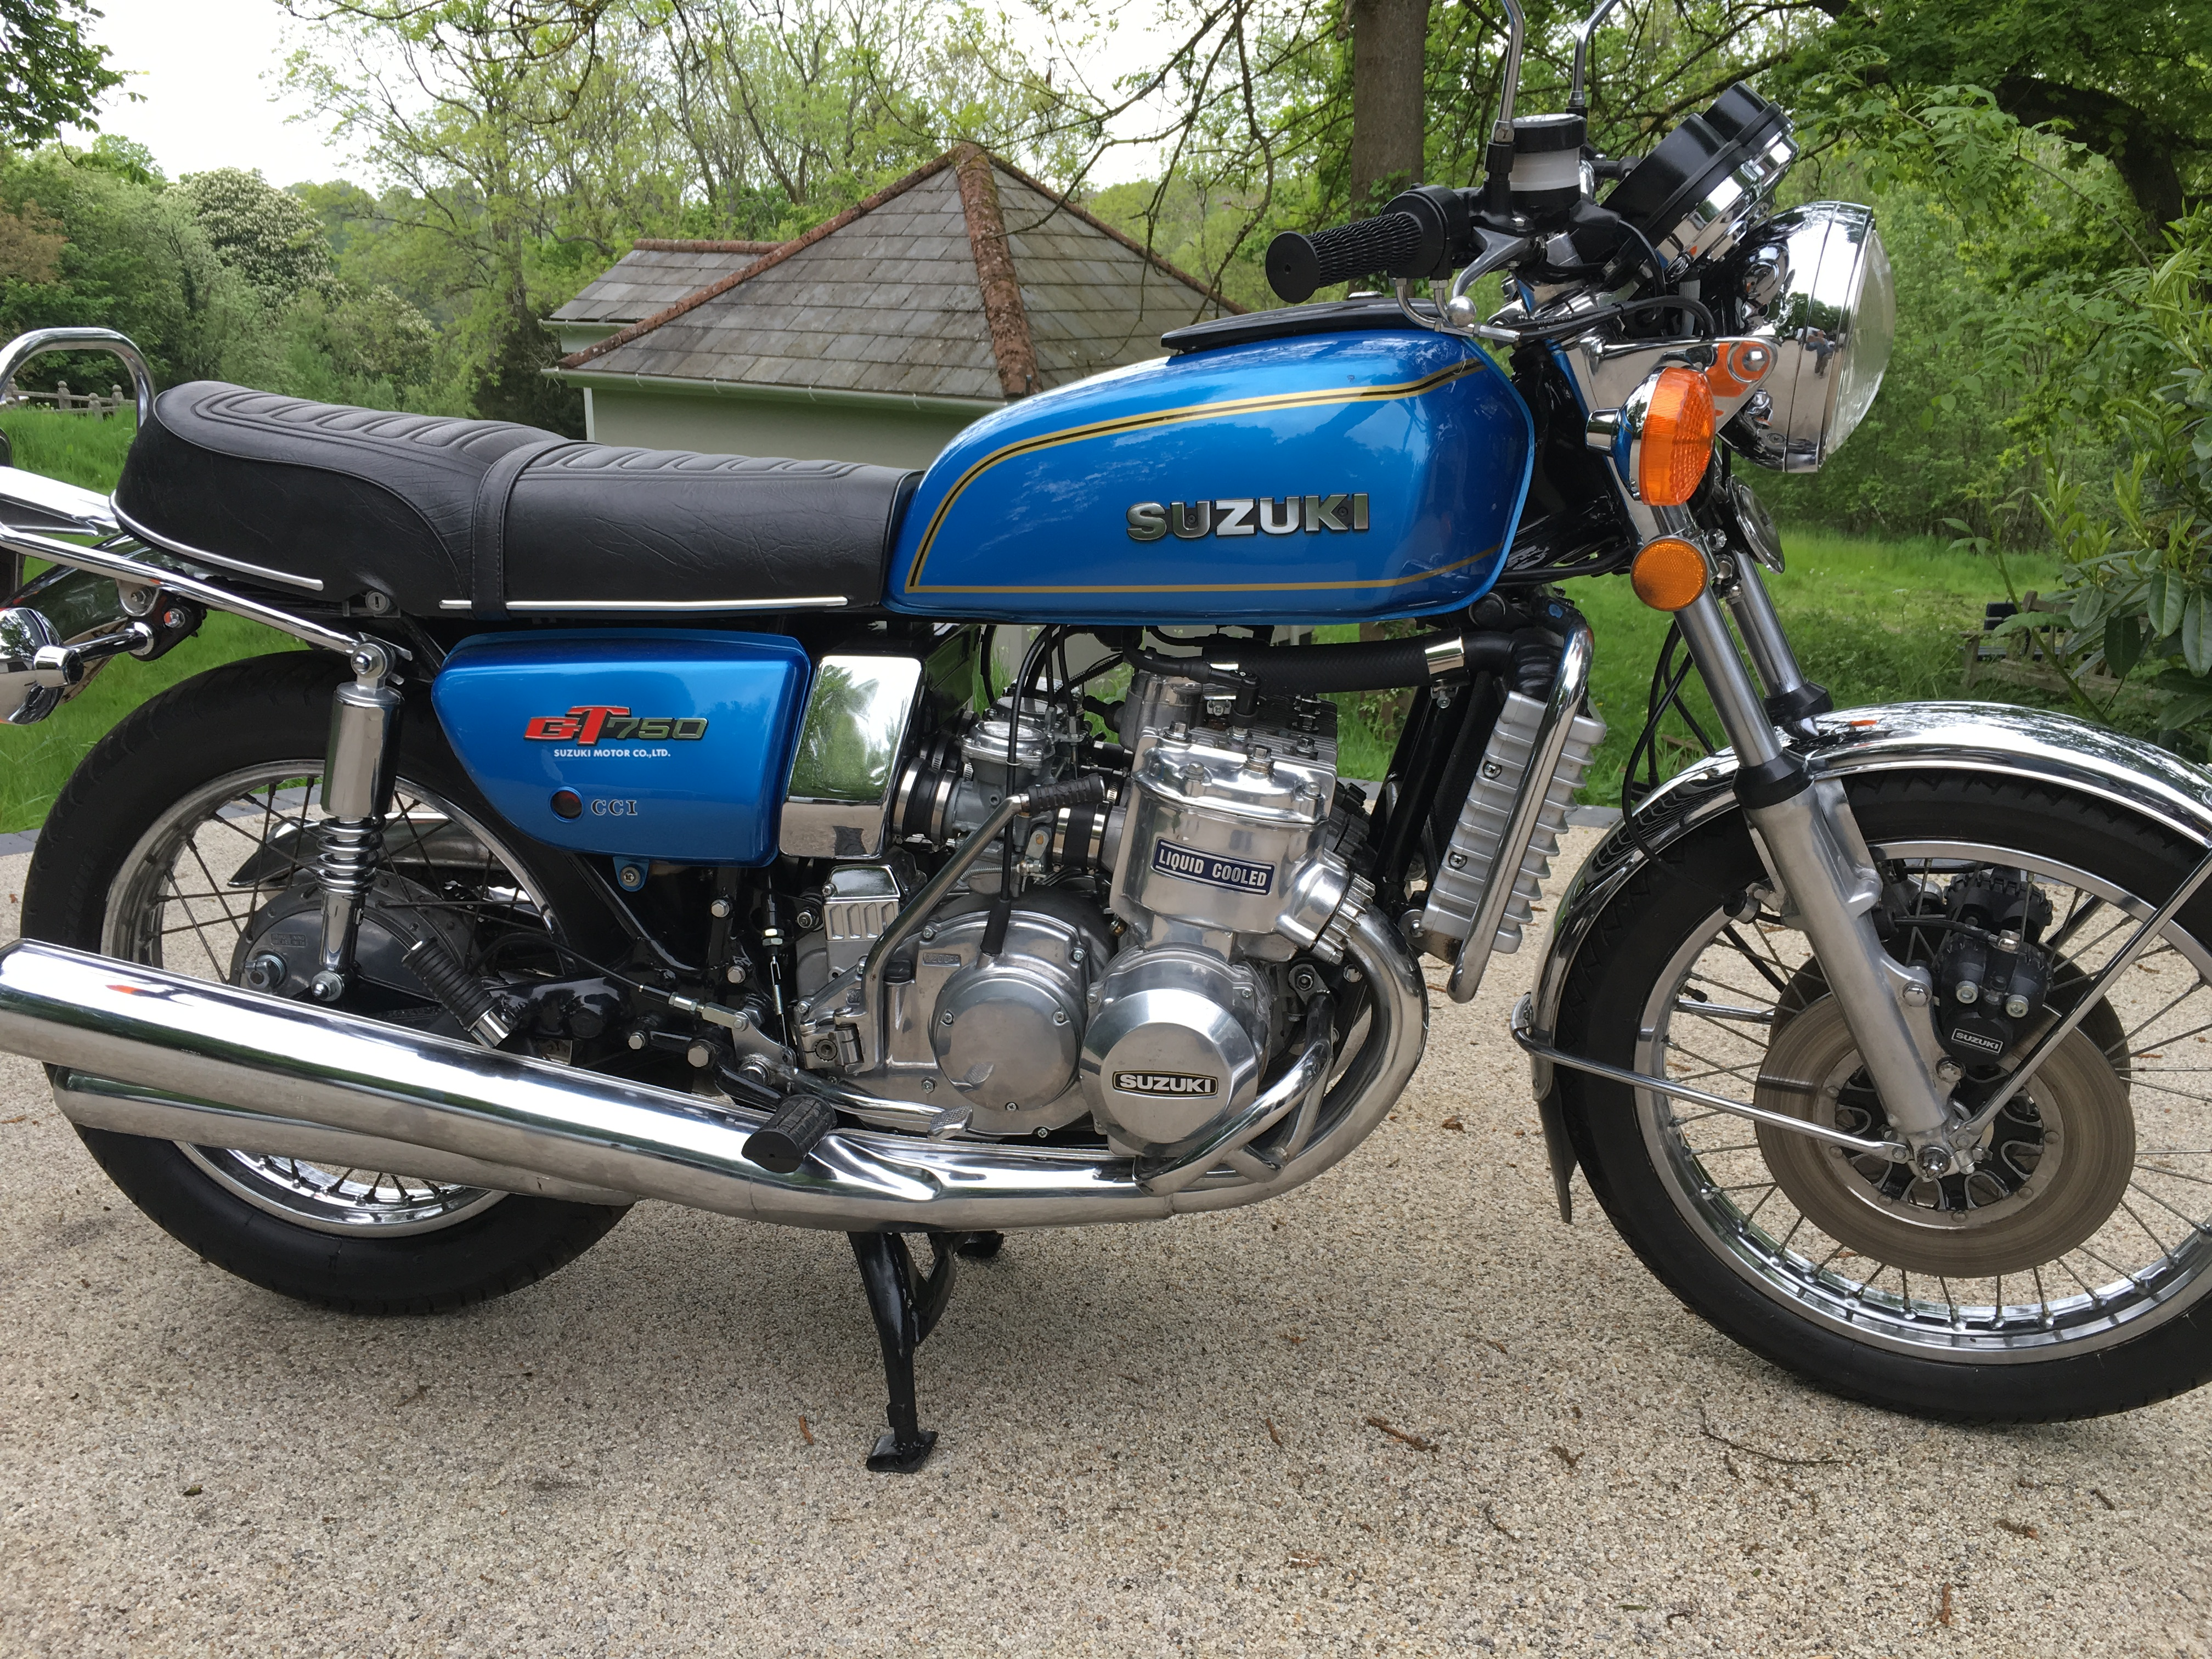 GT750B